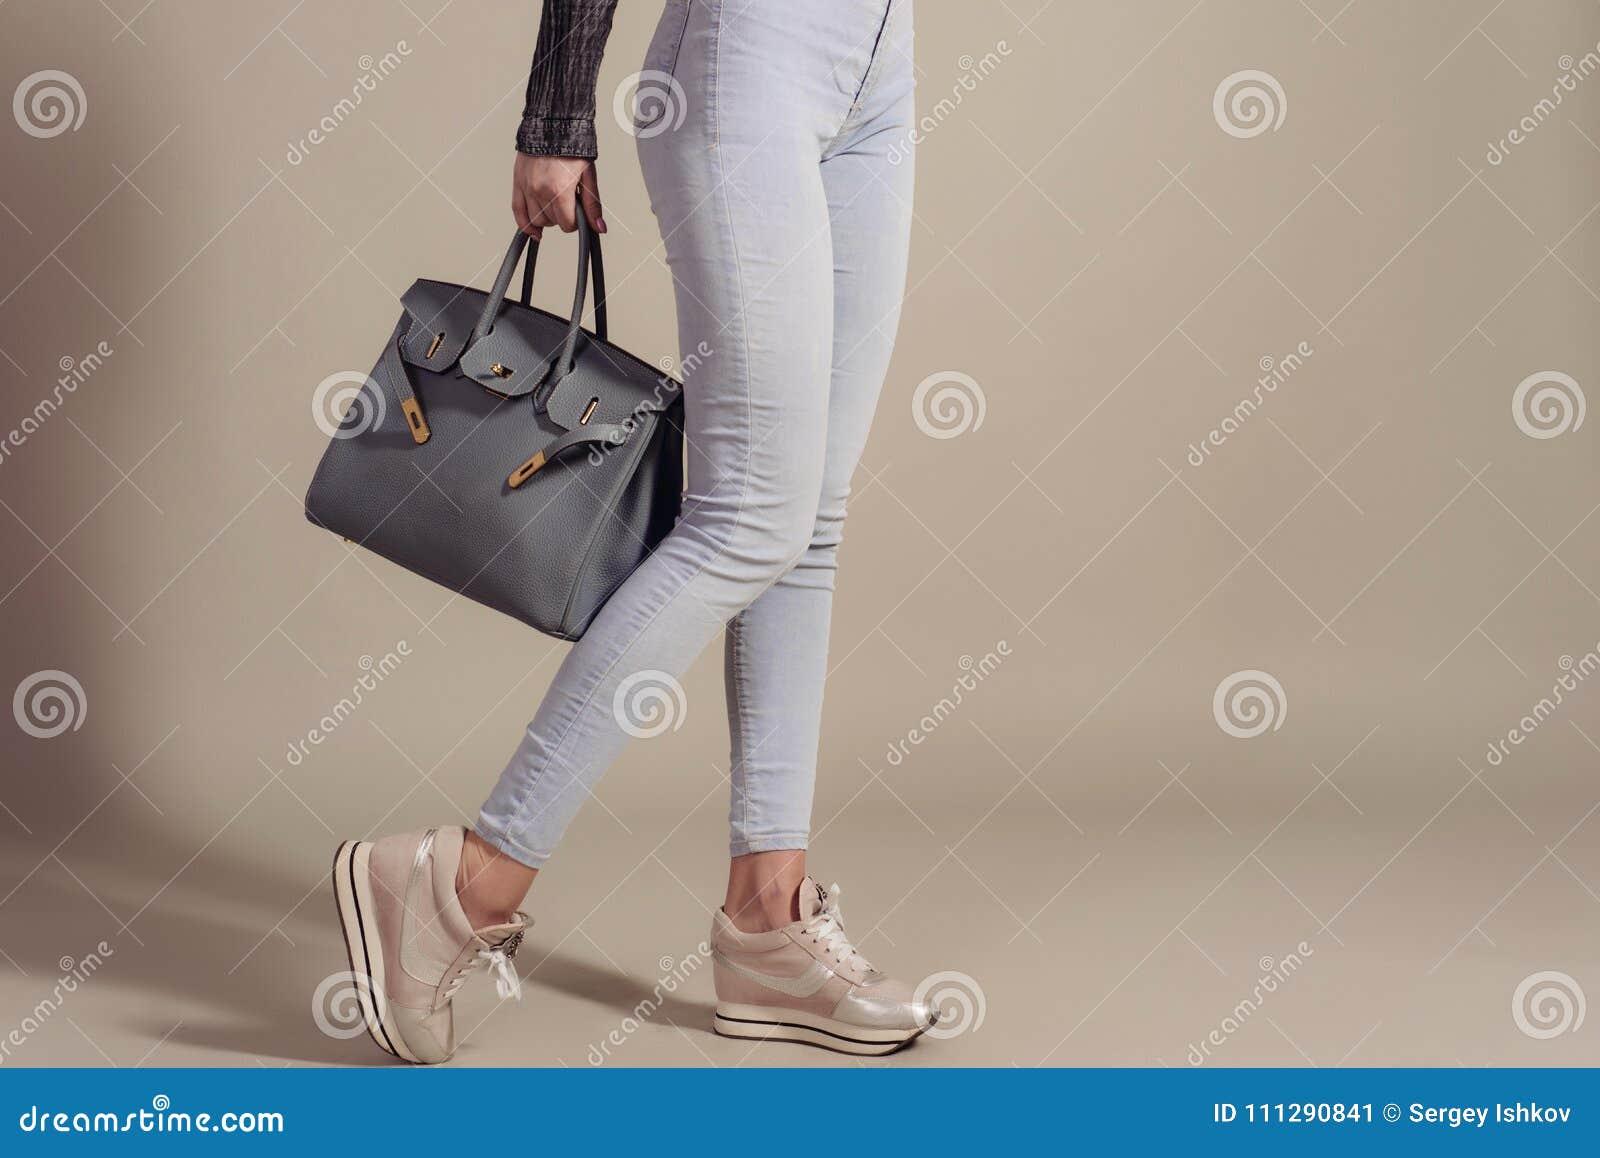 ψωνίζοντας λευκή γυναίκα ποδιών έννοιας τσαντών ανασκόπησης το κορίτσι στα τζιν και τα πάνινα παπούτσια κρατά μια μοντέρνη μεγάλη